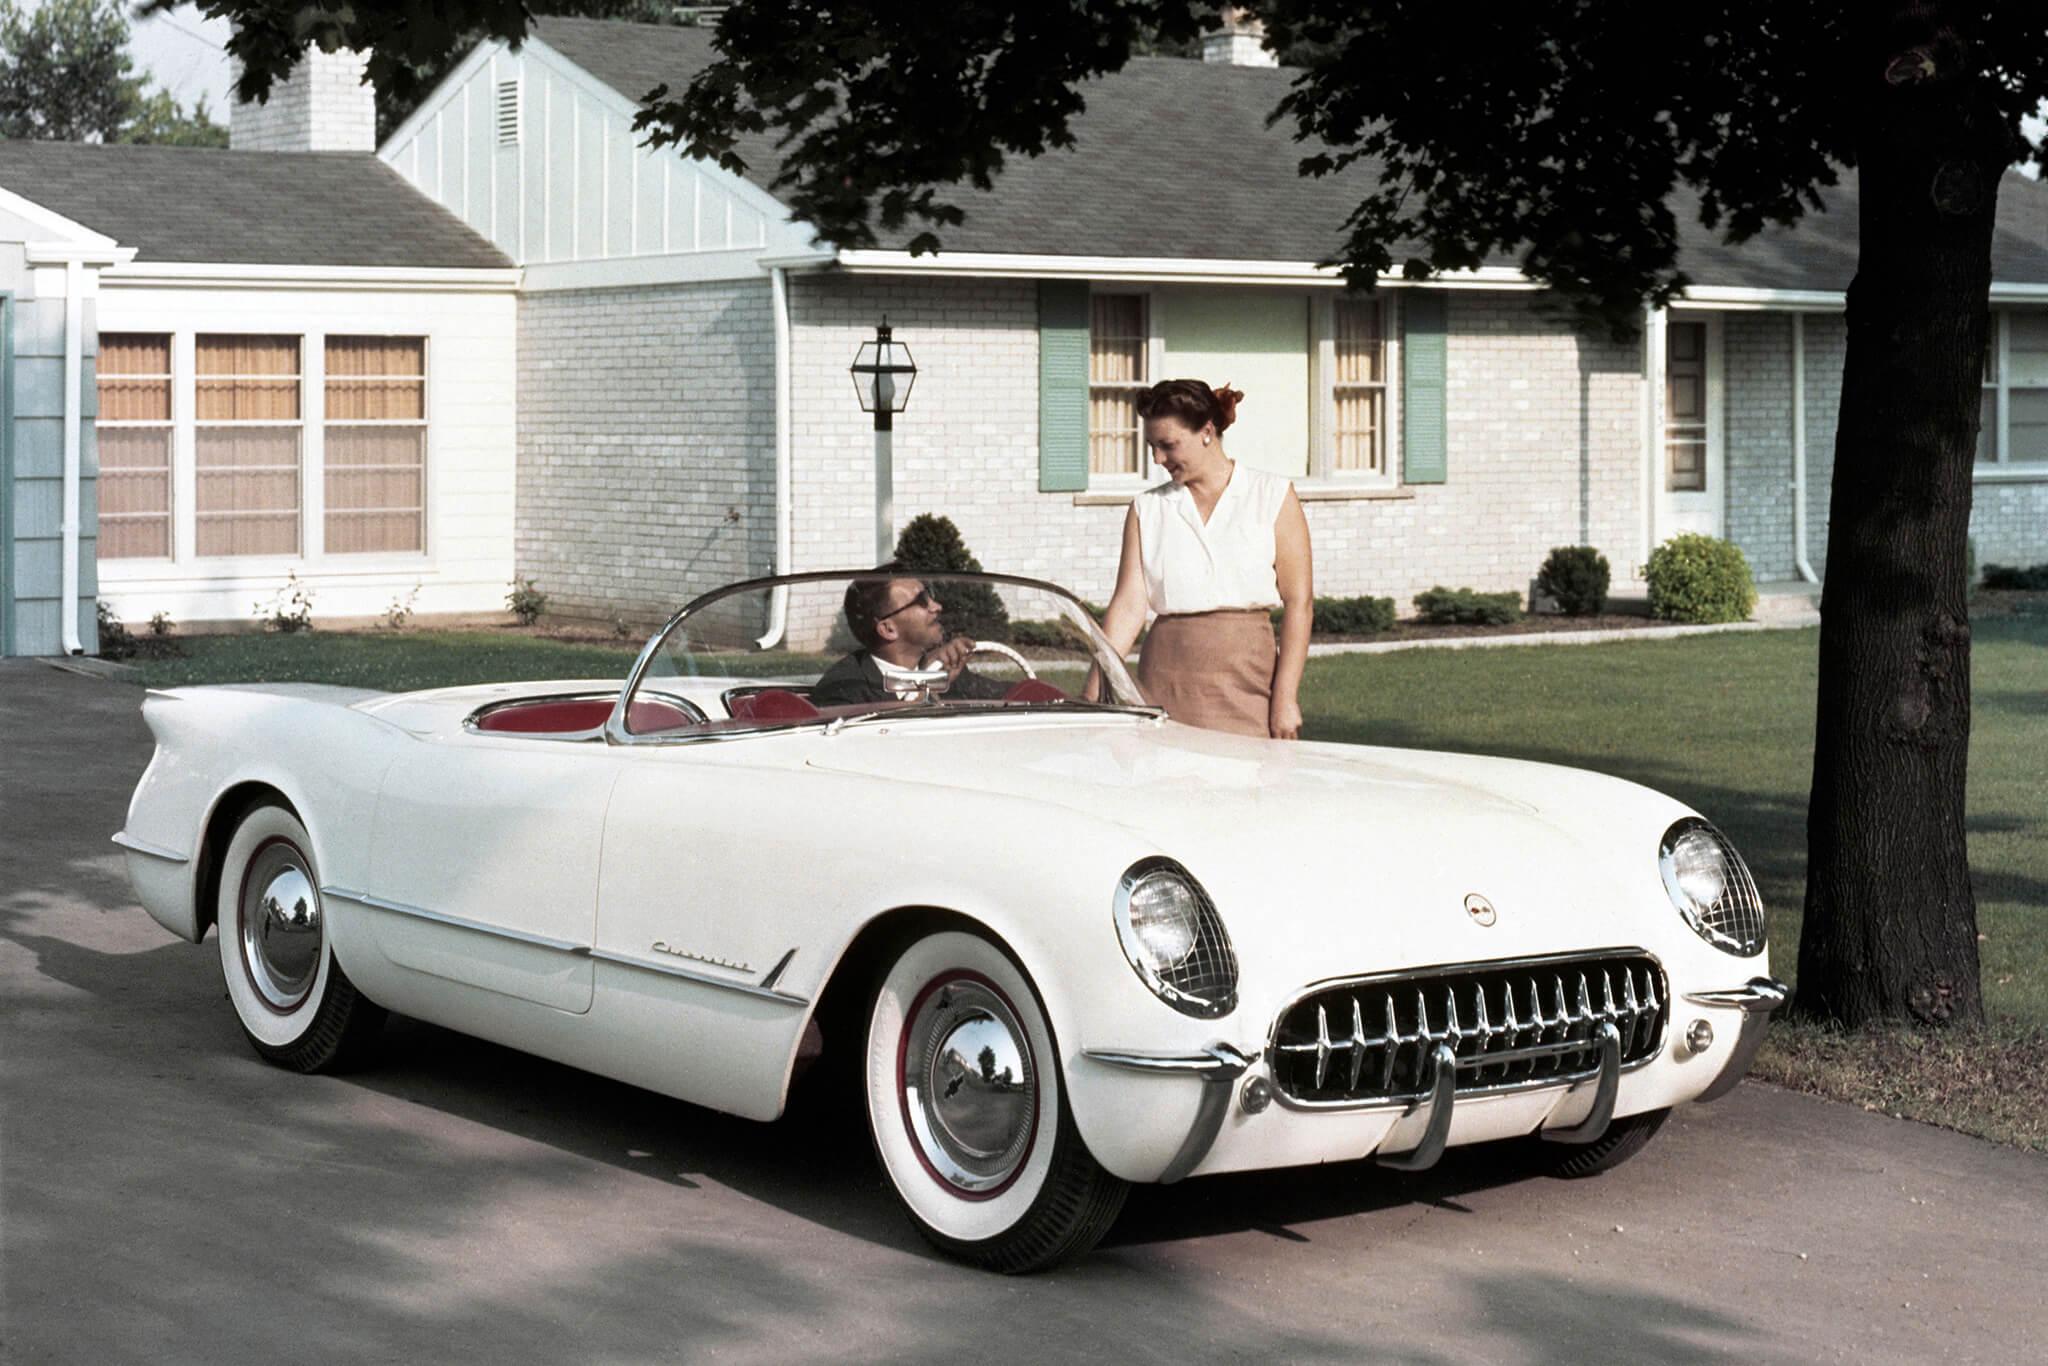 Chevrolet Corvette C1 1953